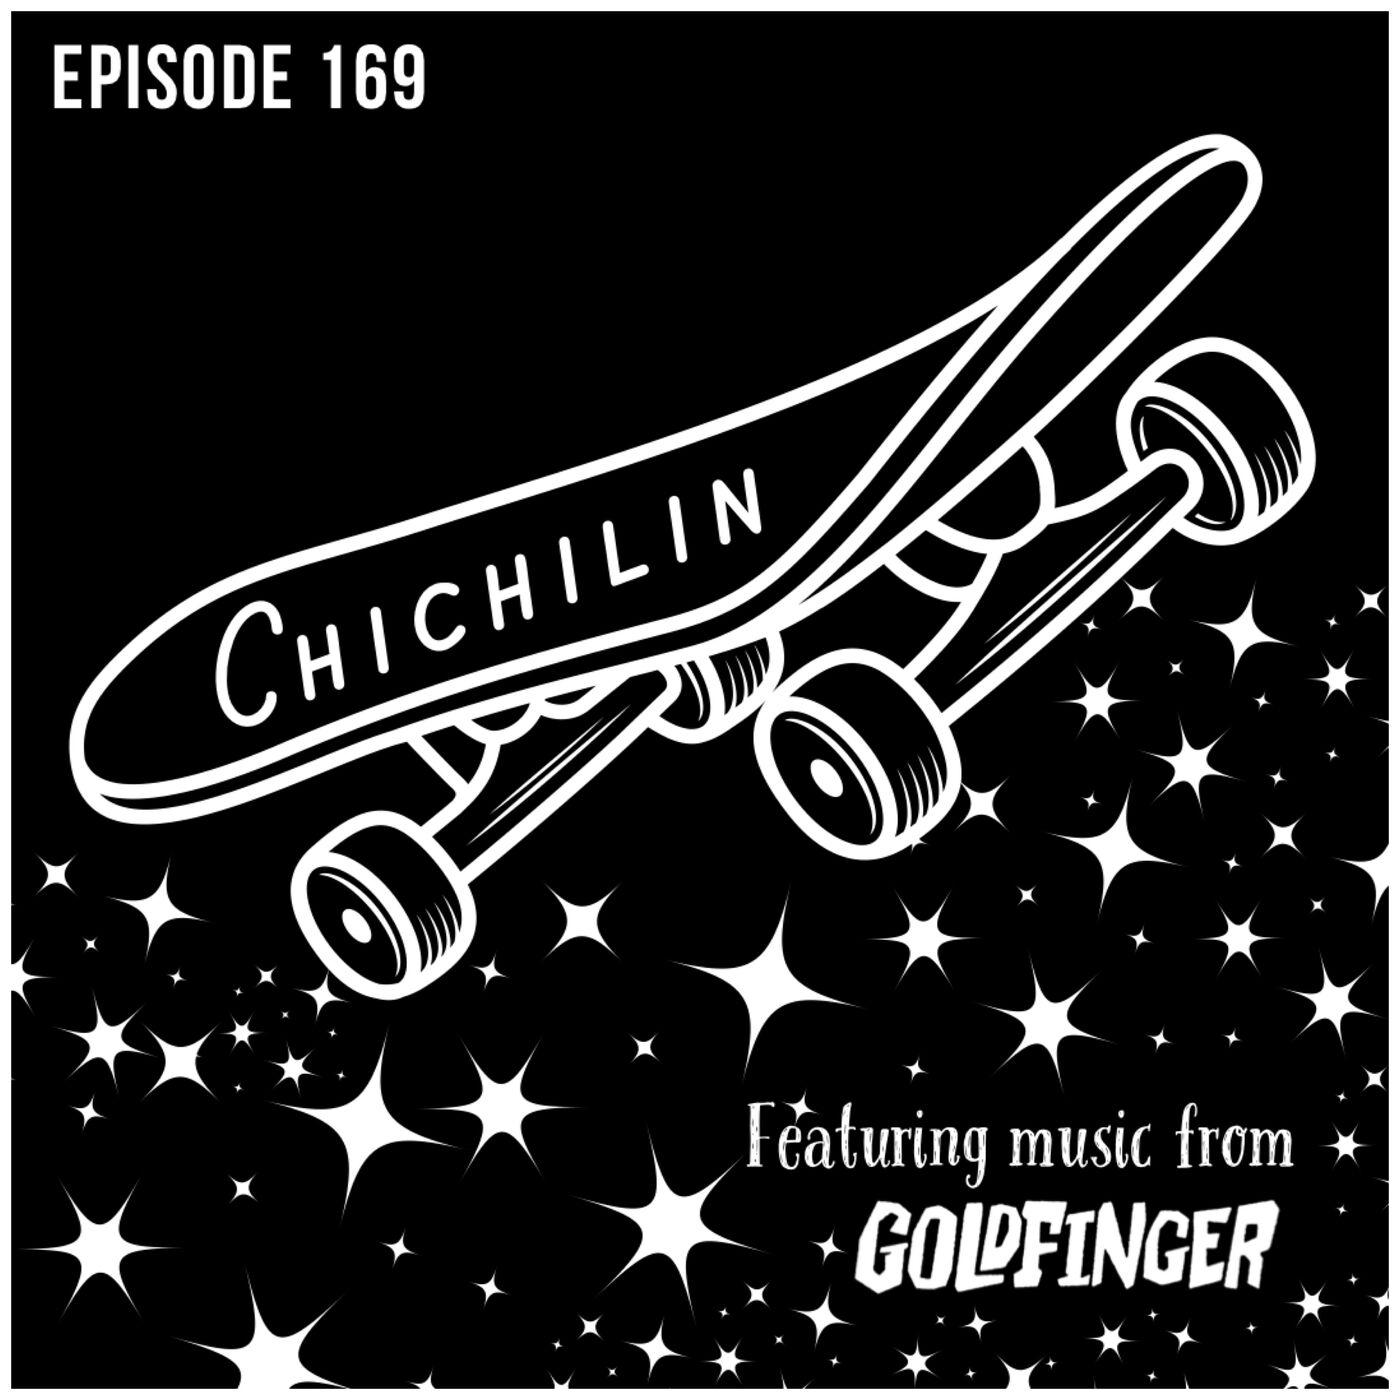 Episode 169: Chichilin